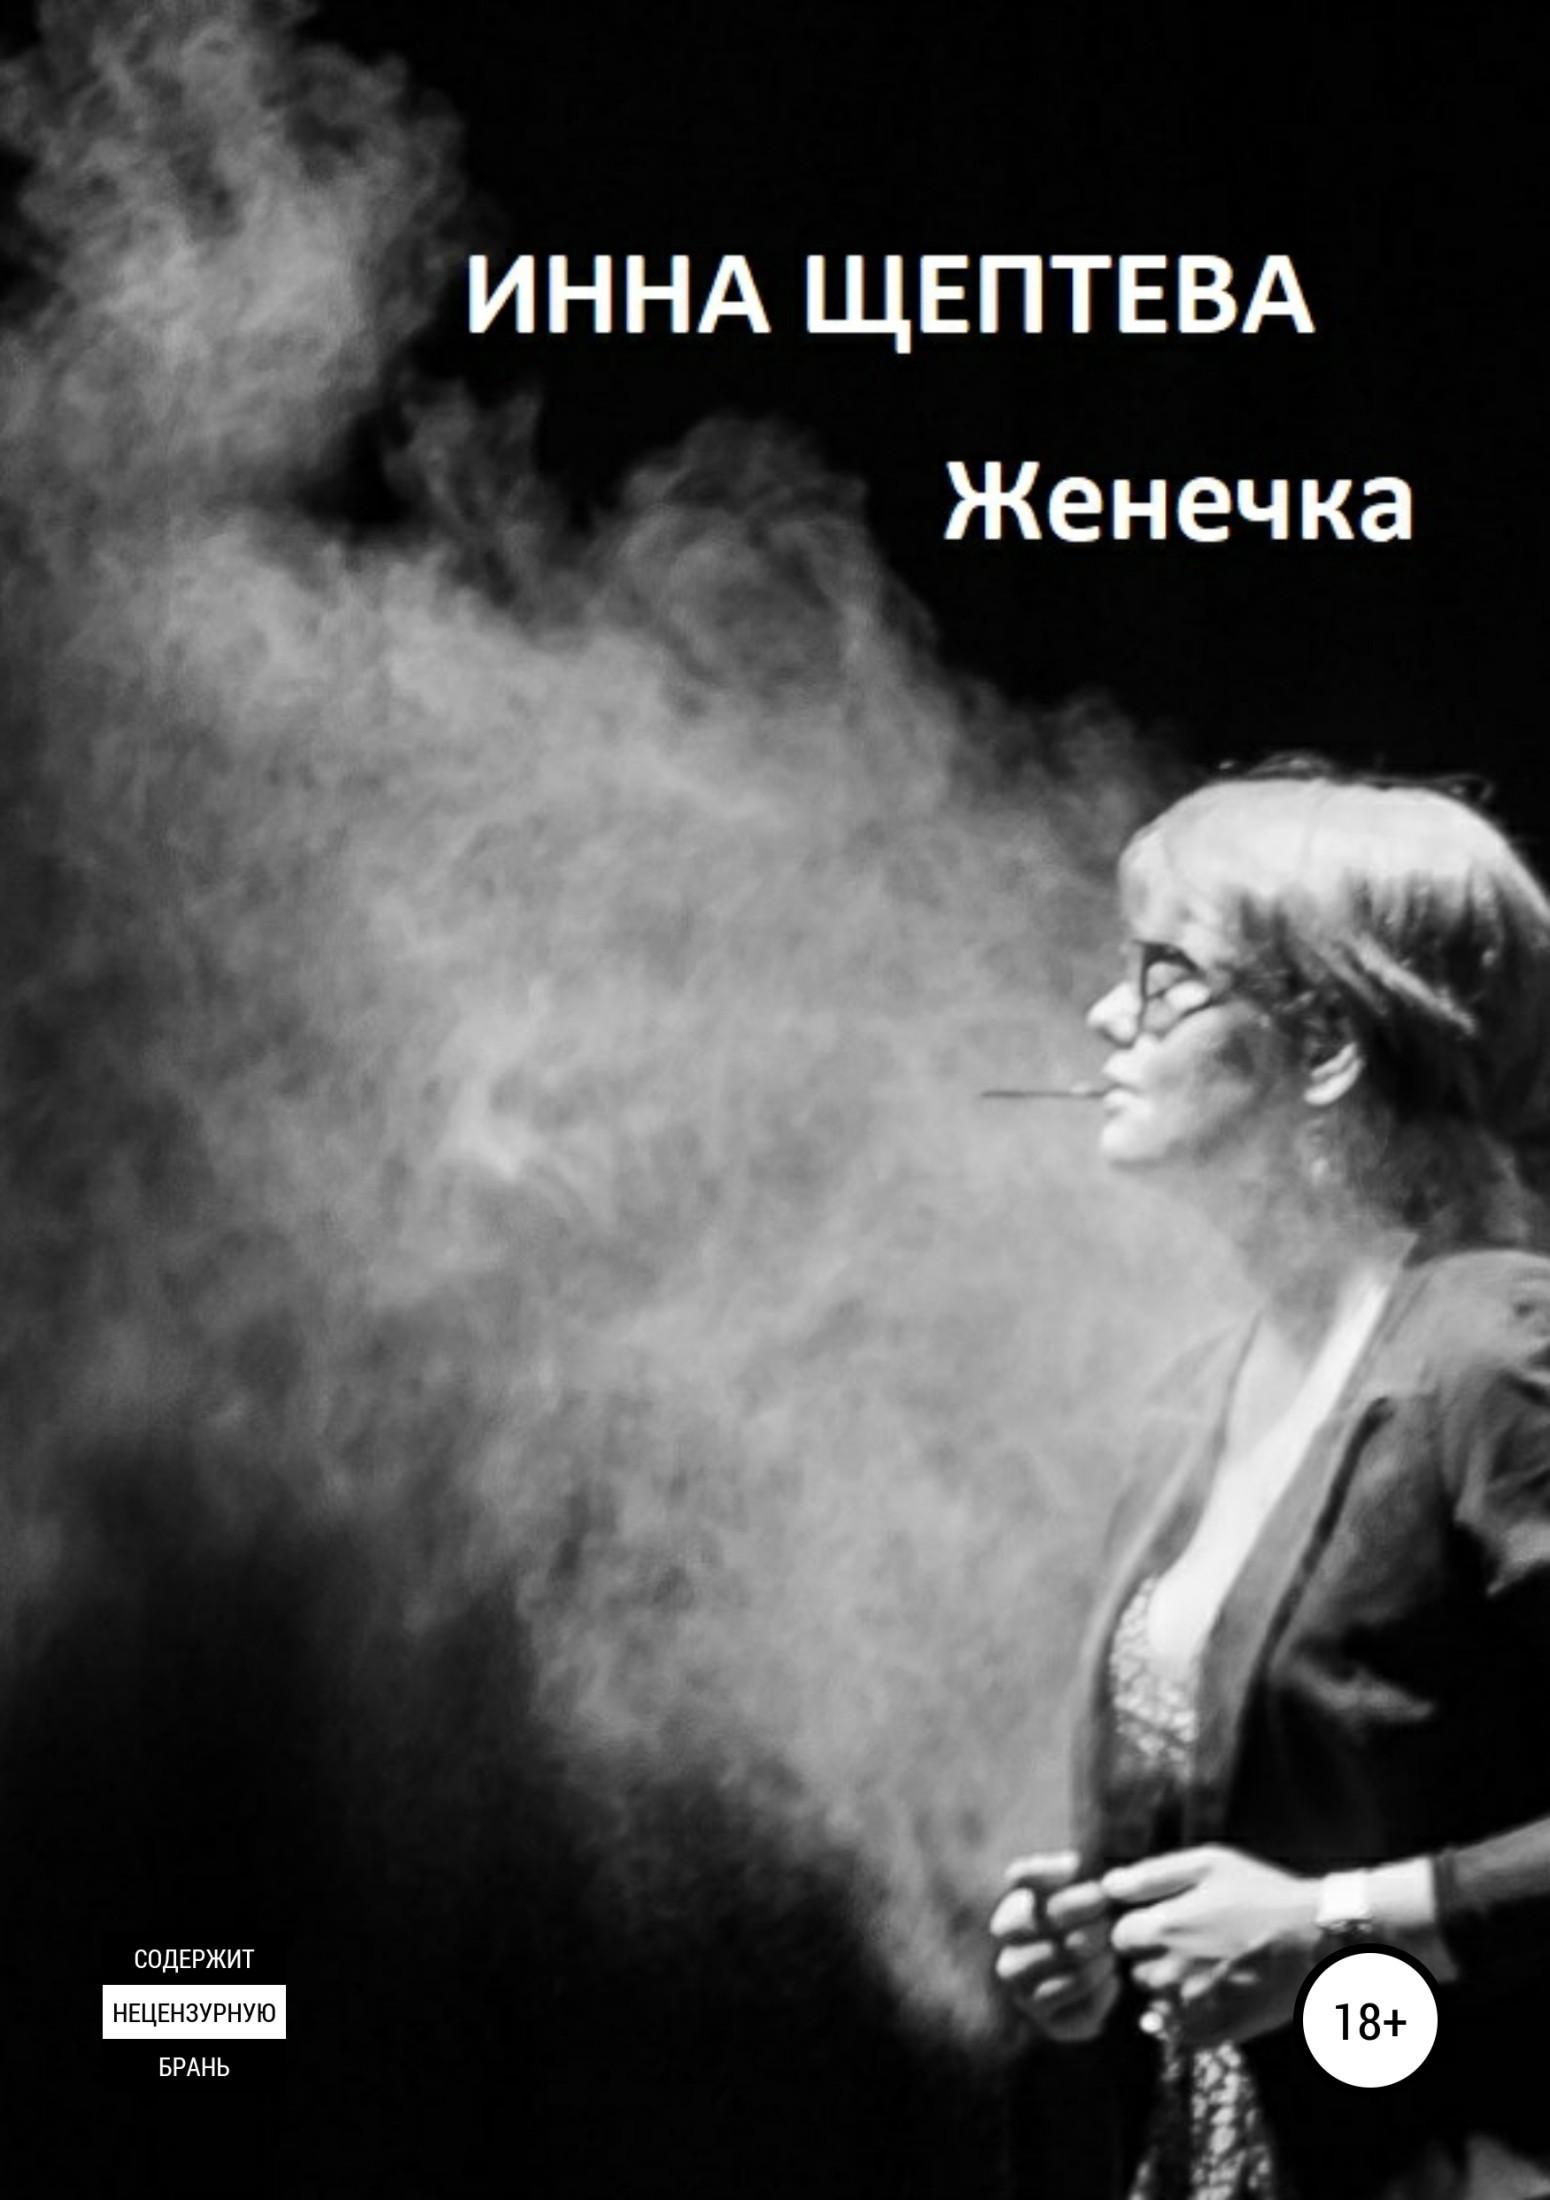 Инна Эдуардовна Щептева Женечка йонге мингьюр ринпоче радостная мудрость принятие перемен и обретение свободы